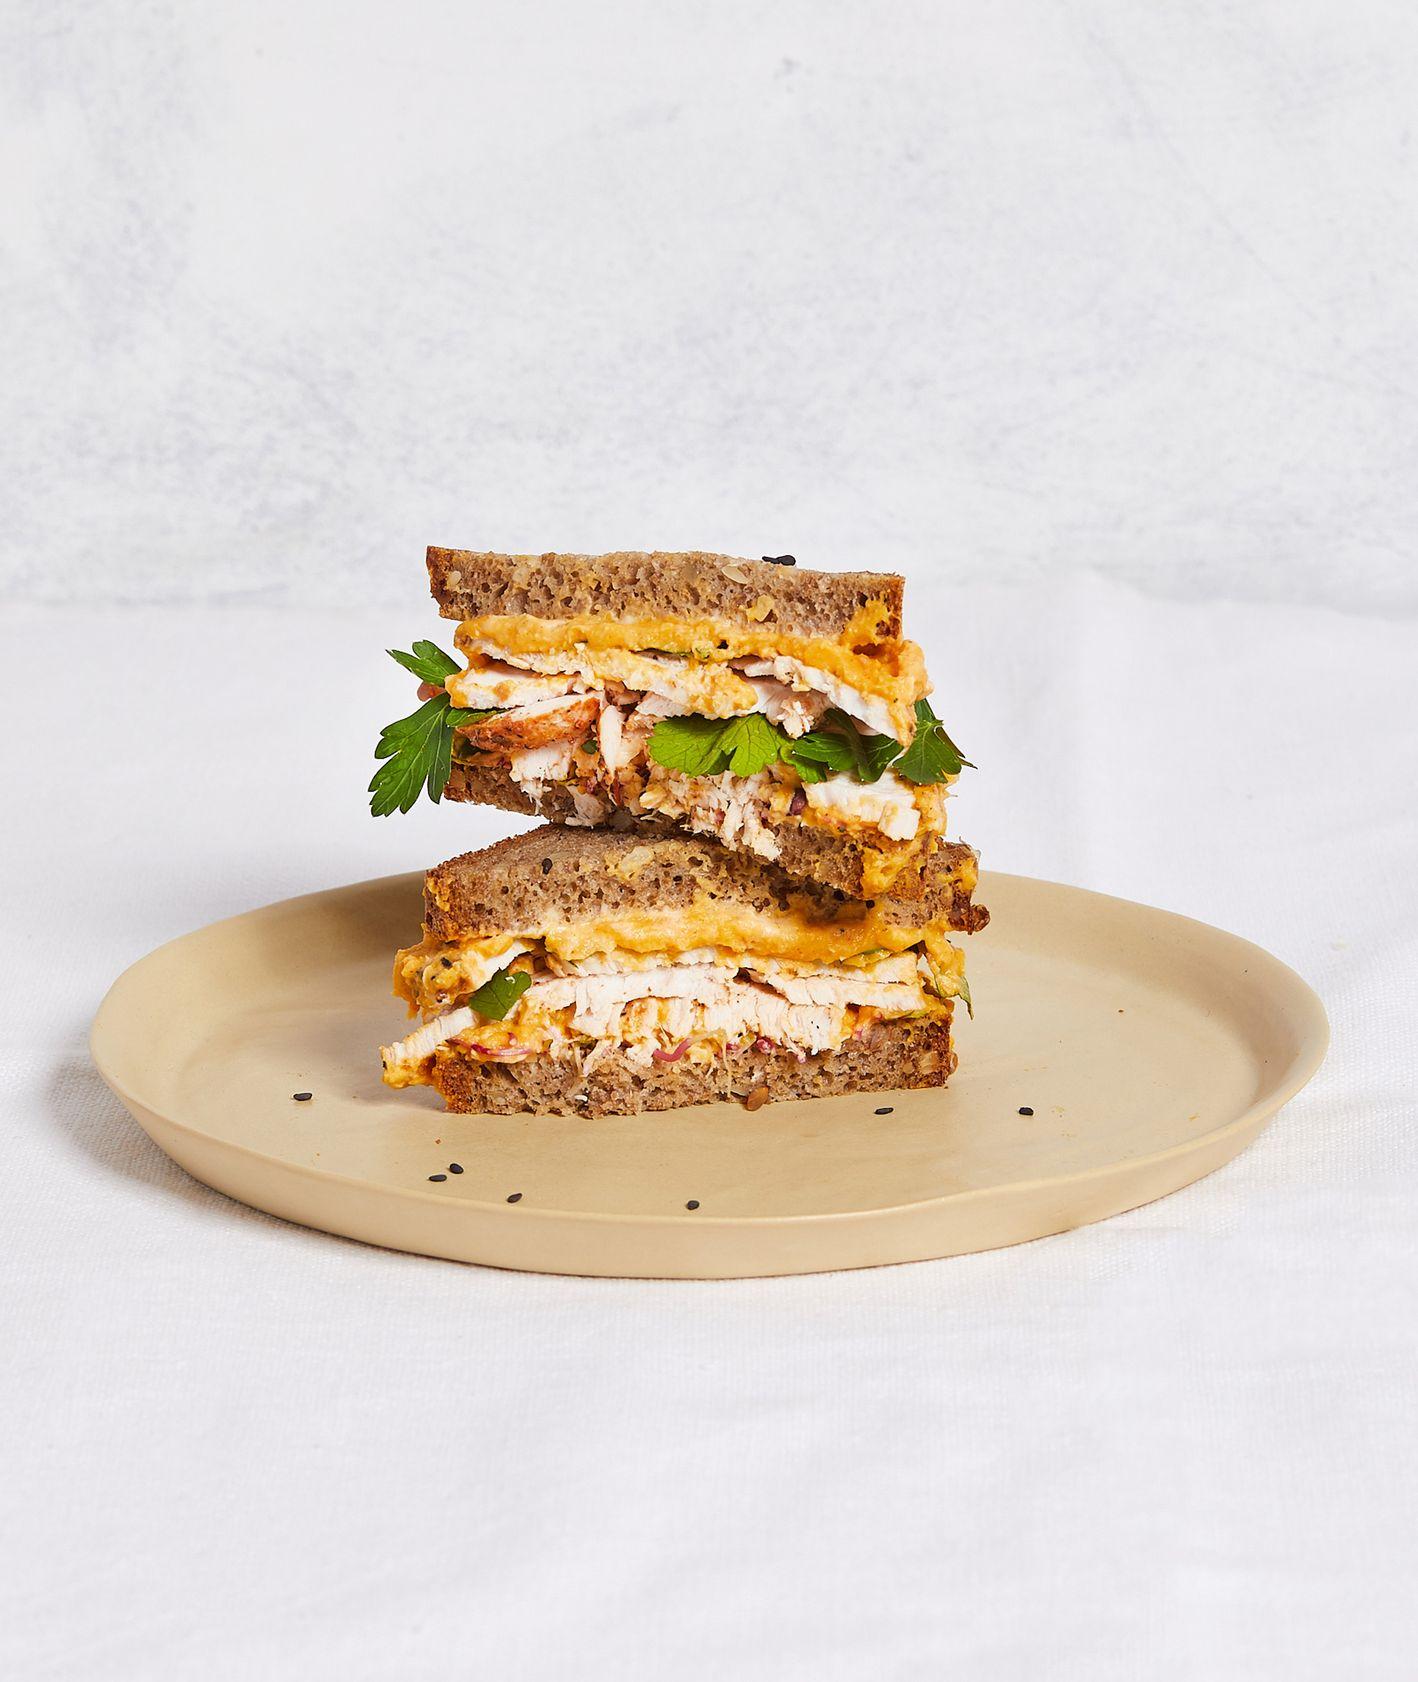 Przepis na prostą kanapkę z indykiem, natką pietruszki i humusem z dyni (fot. Maciek Niemojewski)